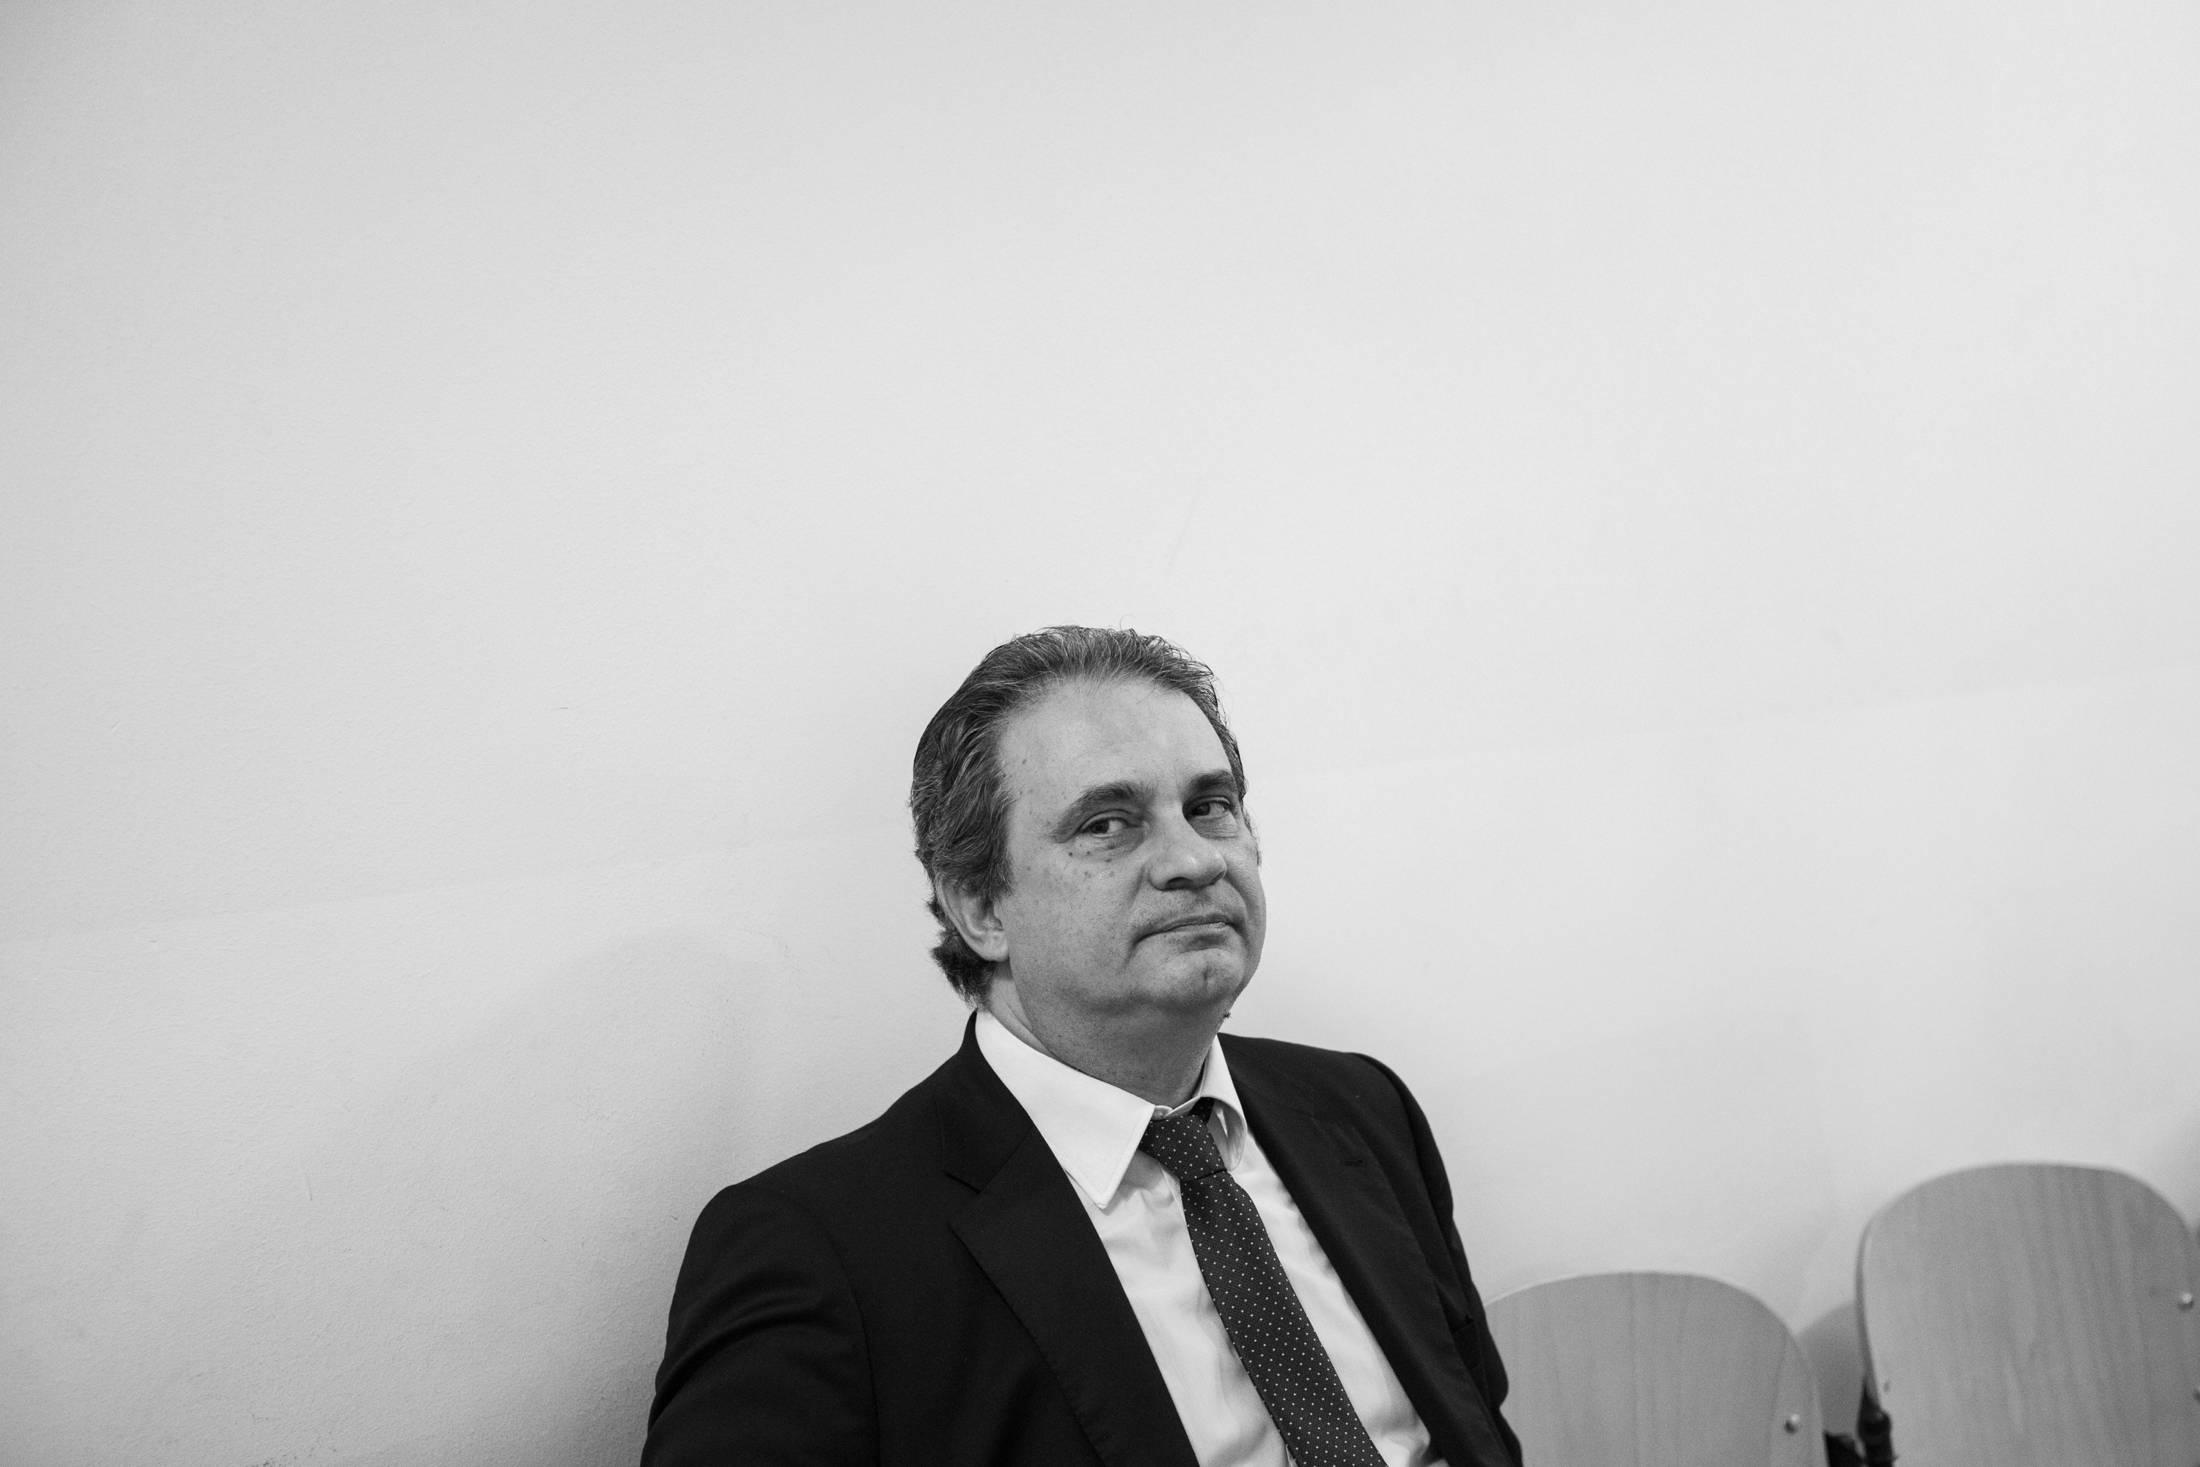 Trial of the 1980 Bologna massacre